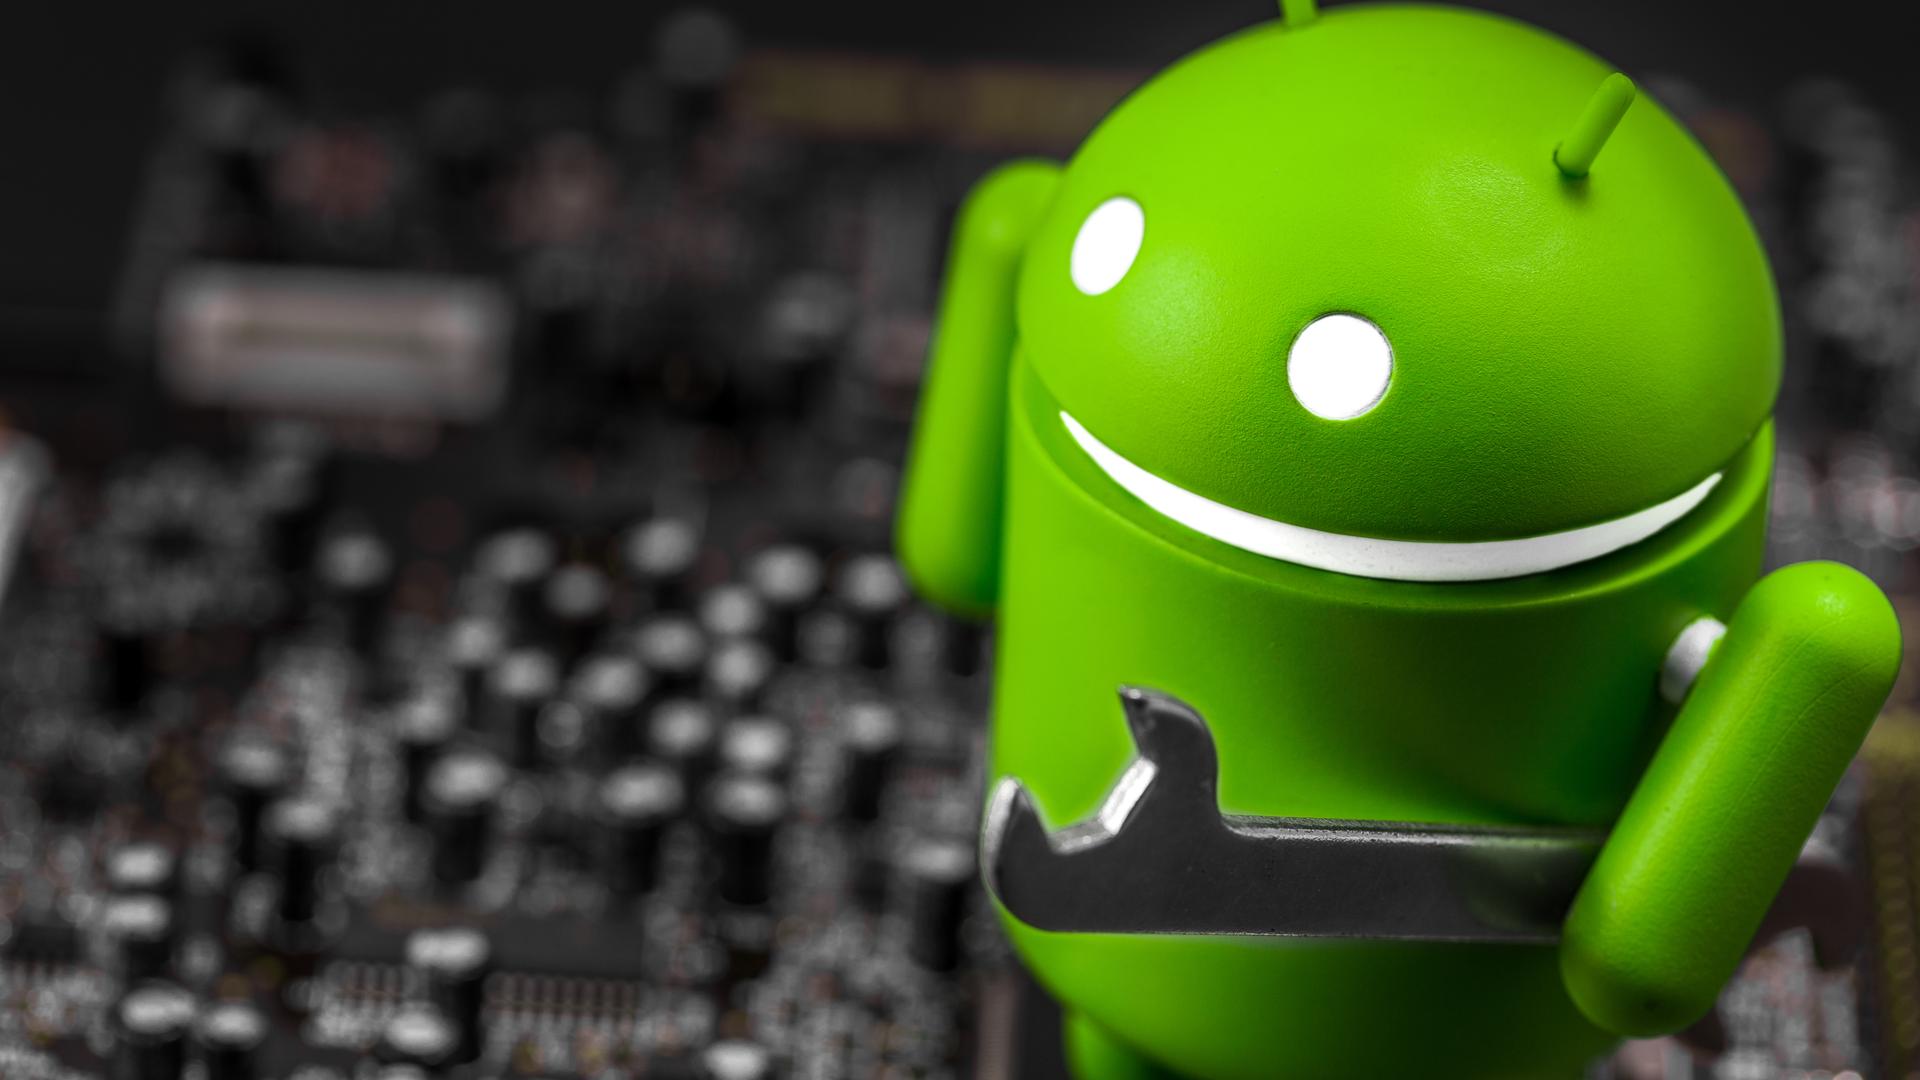 Ainda que não seja o mesmo sistema, o Android da televisão tem uma ótima compatibilidade com o sistema do celular (Imagem: Shutterstock/Primakov).